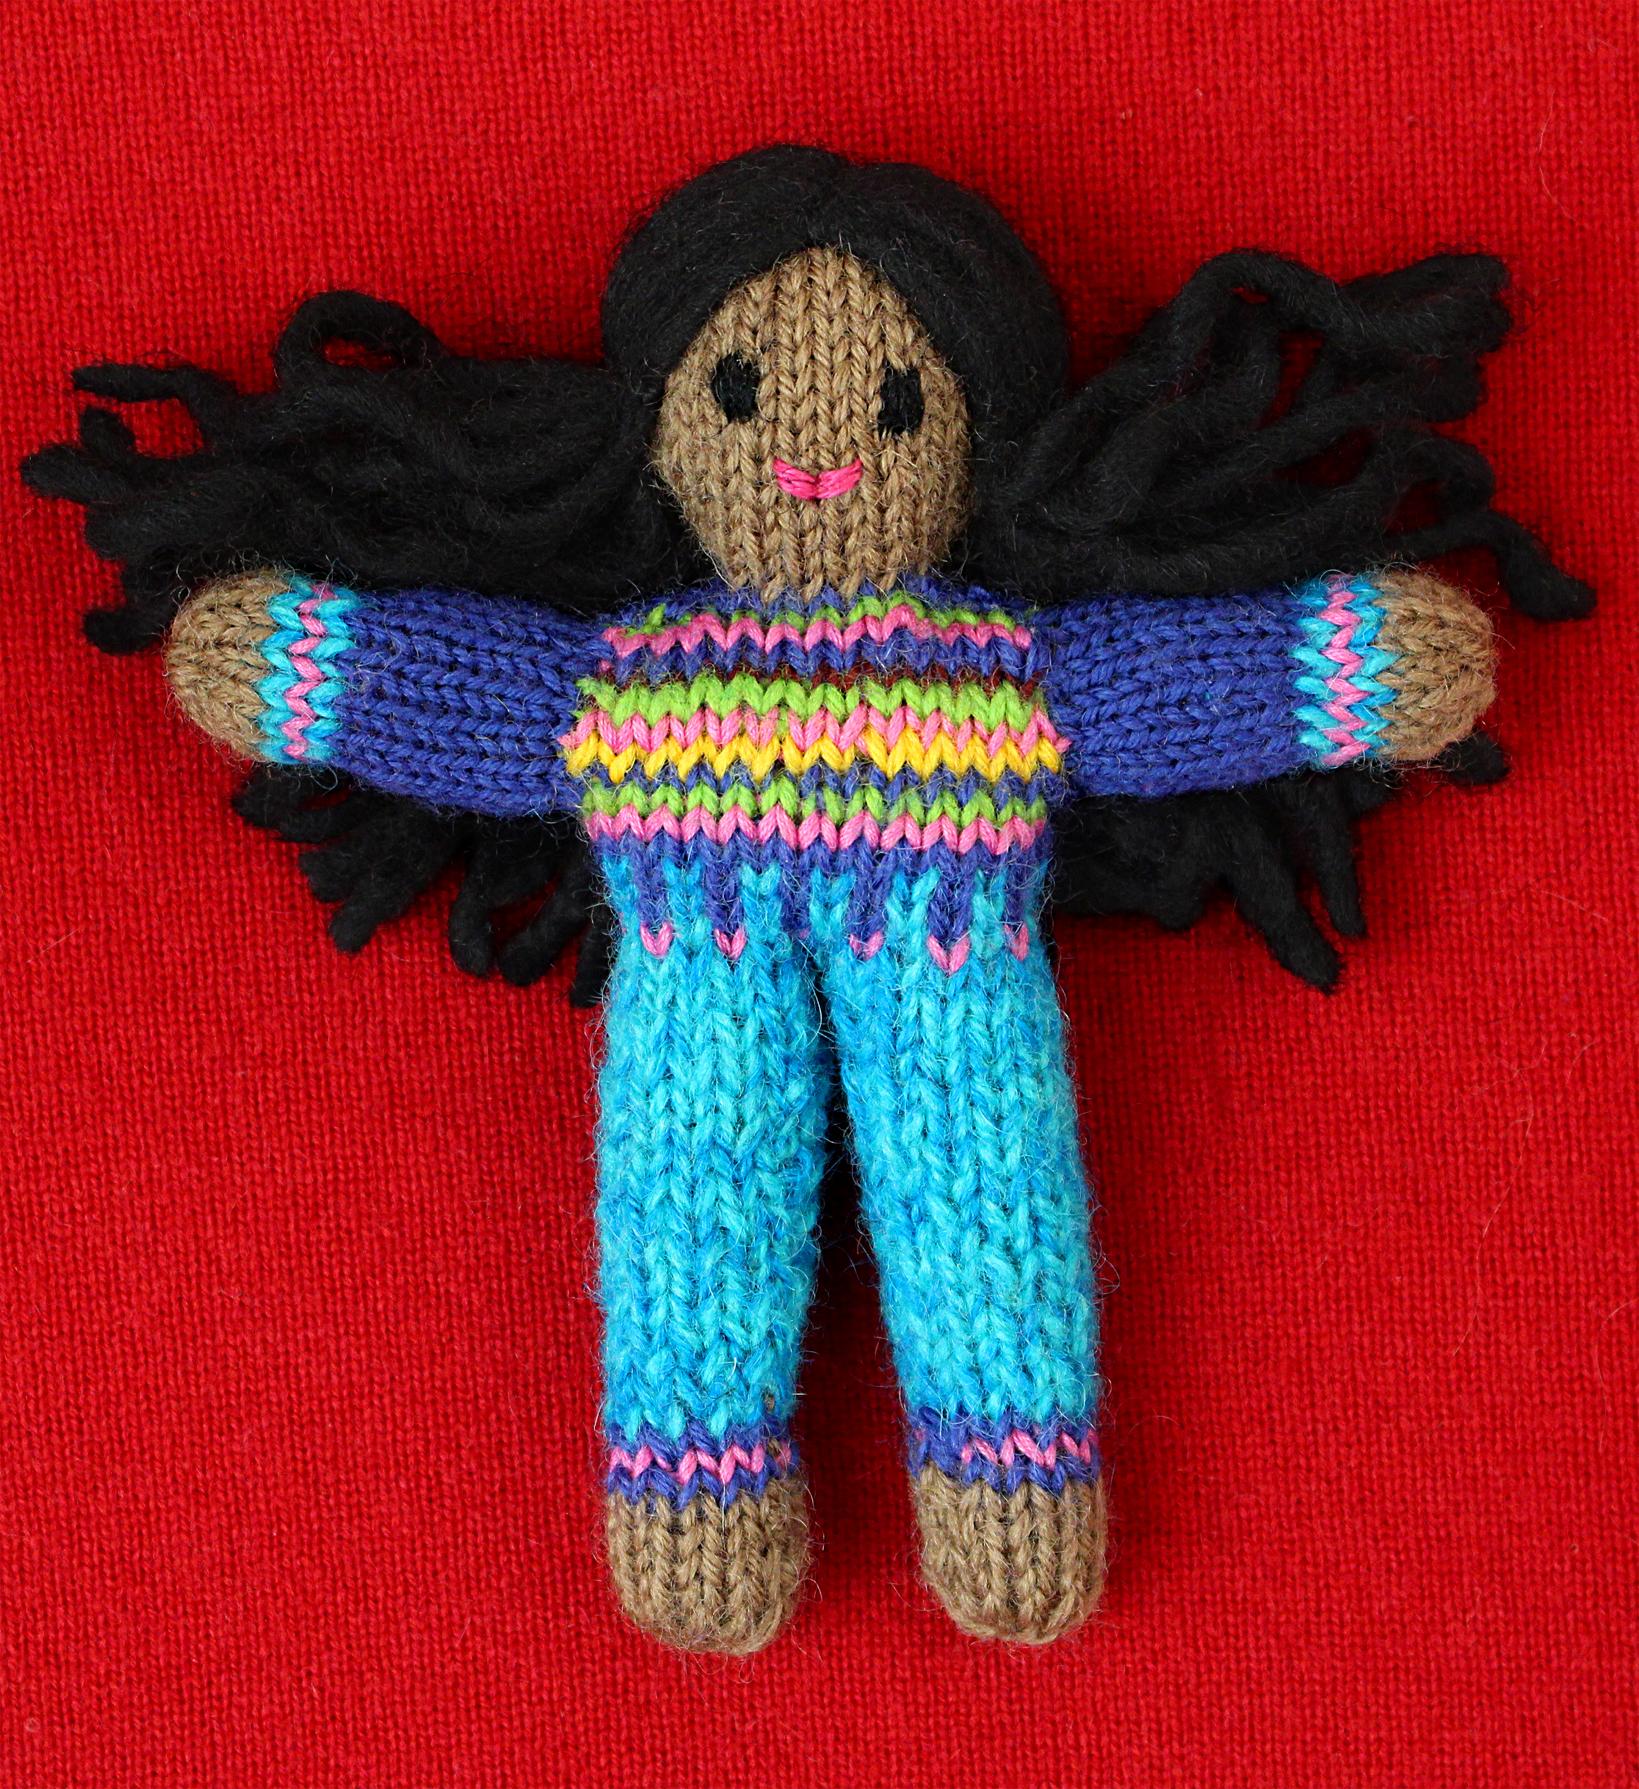 Wee Woolie doll #D0220.